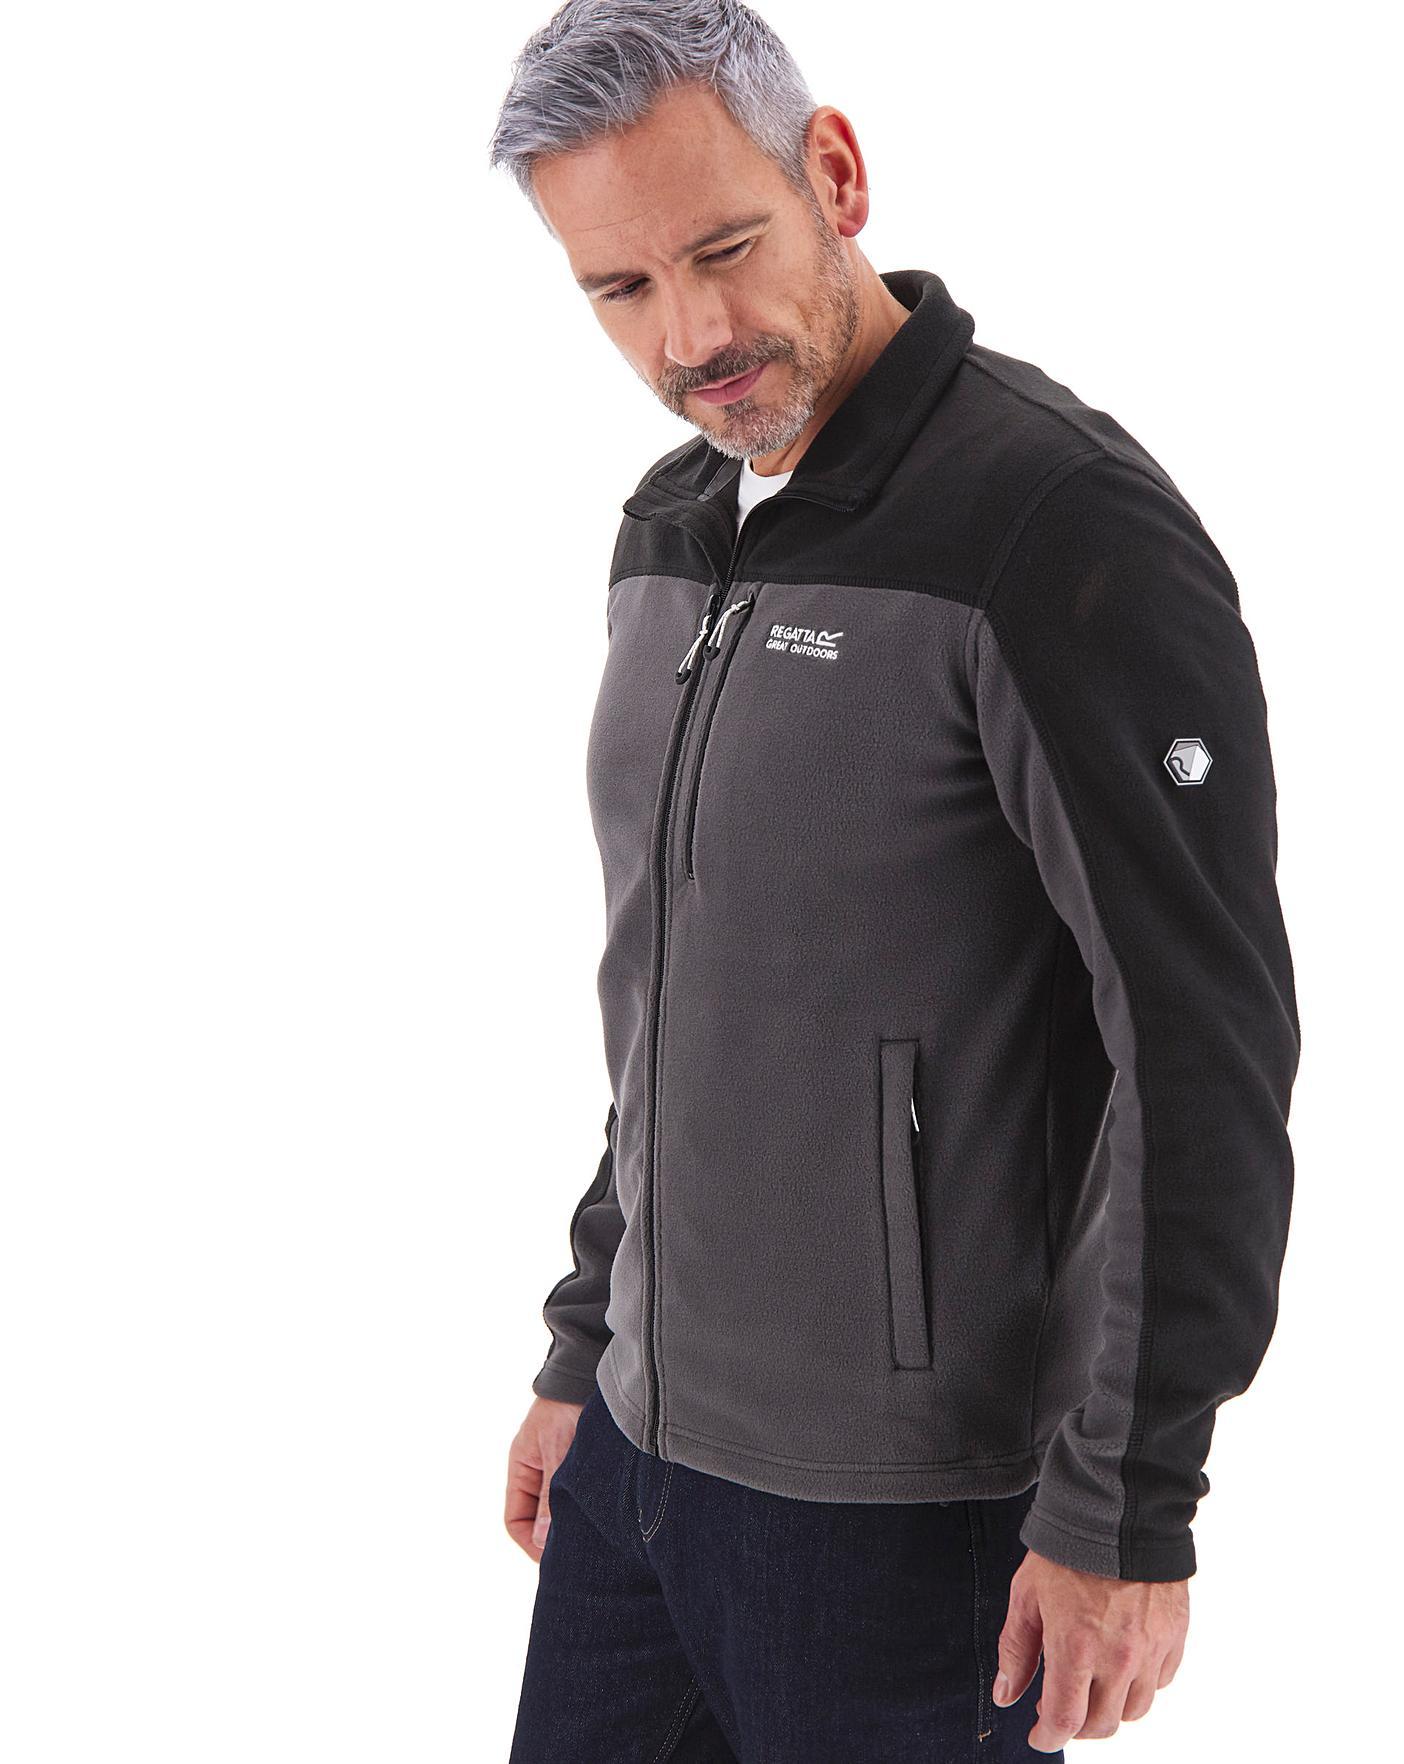 Regatta Mens Fellard Chest Pocket Full Zip Symmetry Fleece